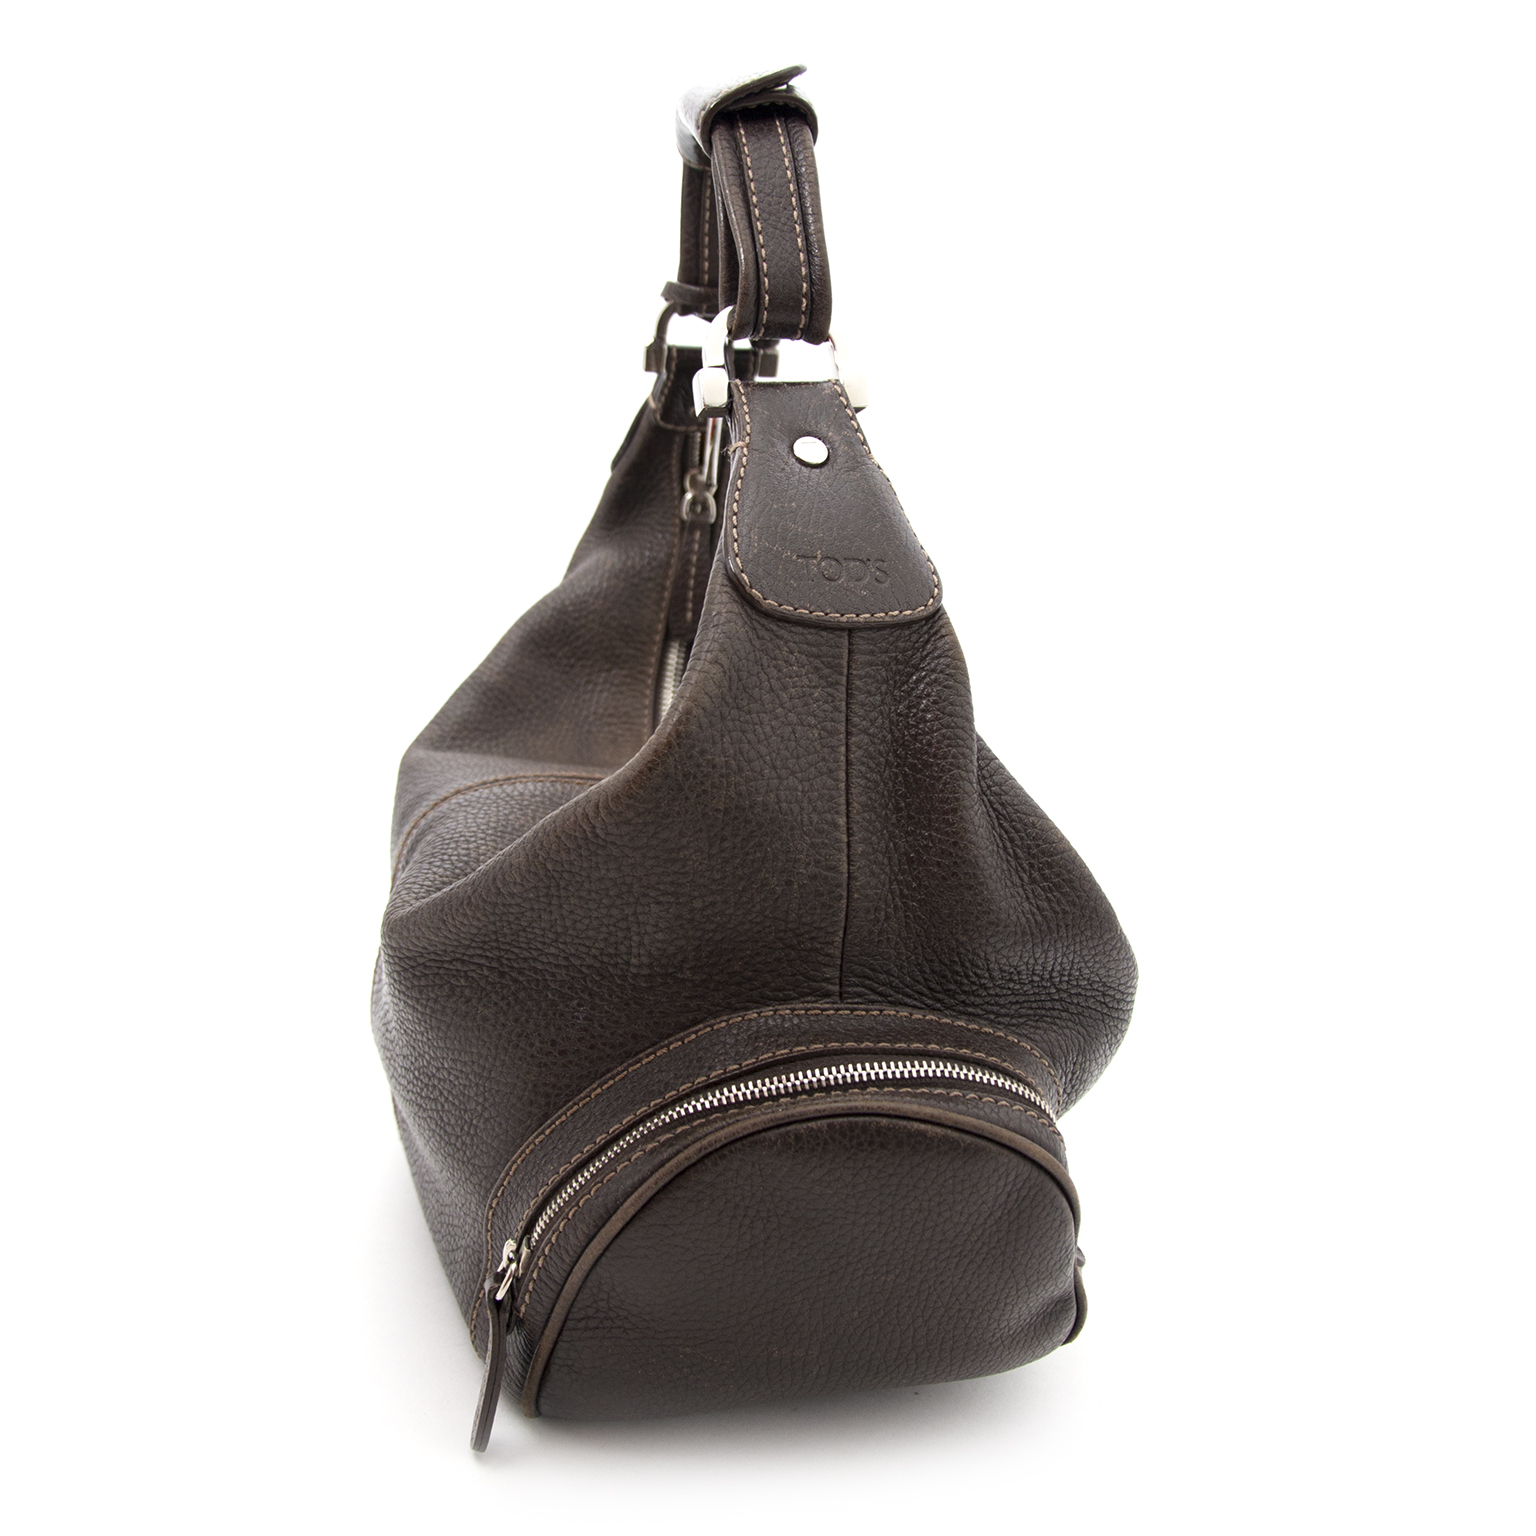 Koop een tweedehands Tod's Chocolate Shoulder Bag online